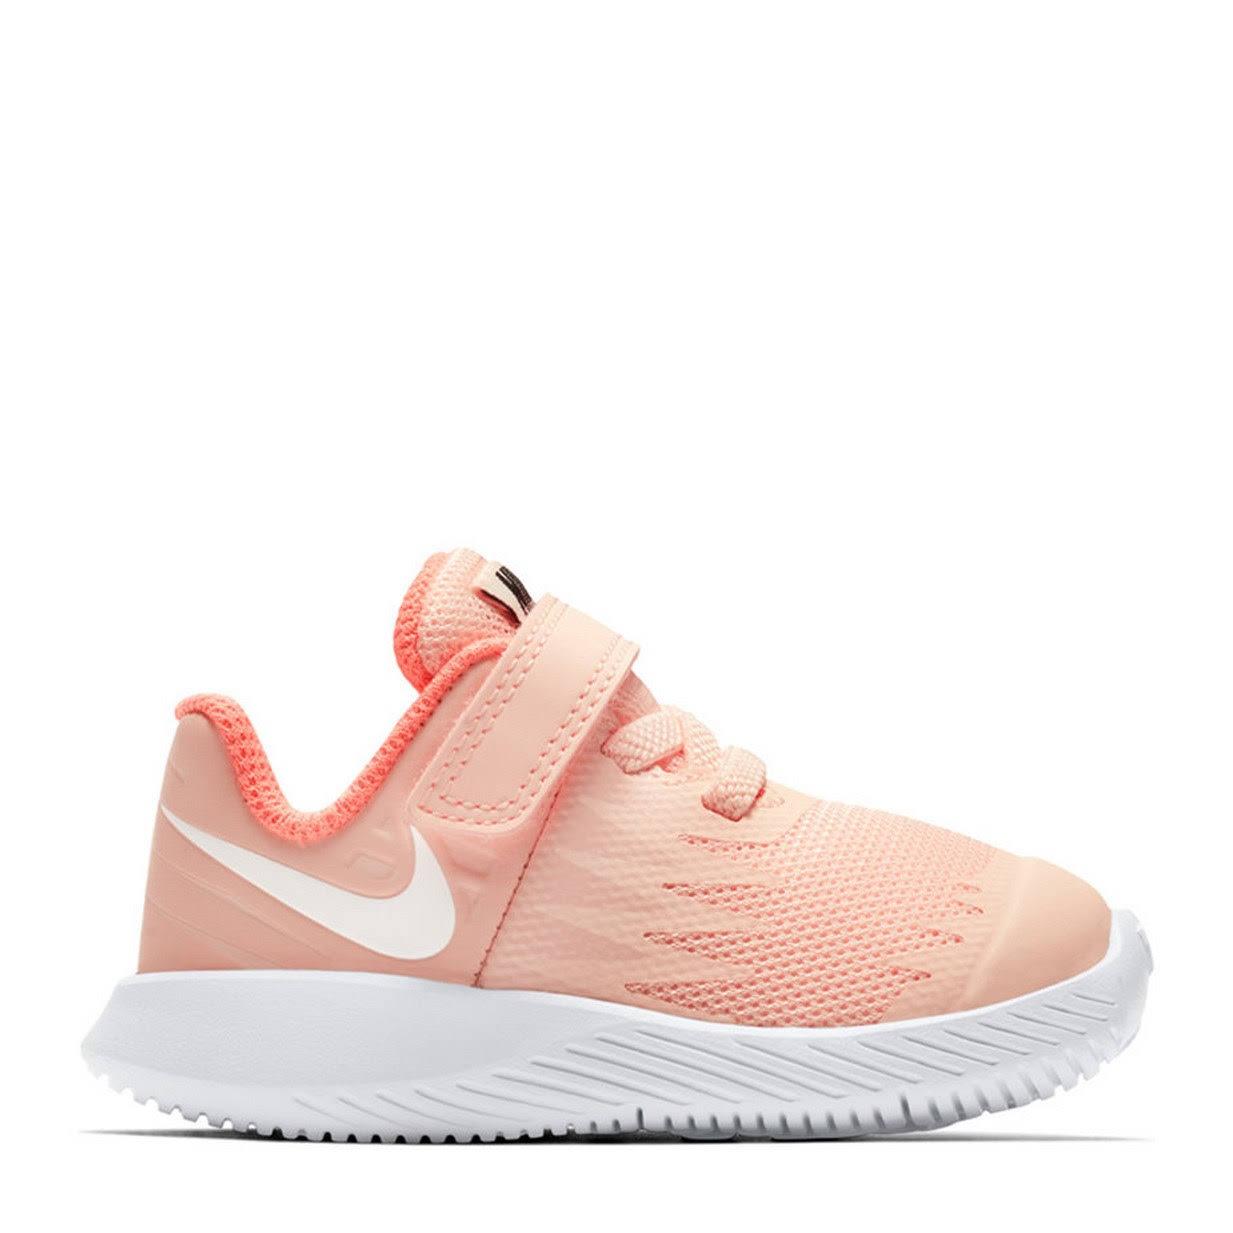 Açık Bej Nike Runner 907256 Ayakkabı 800 Bebek Koşu Star Tdv 26 nqwnC7Bz